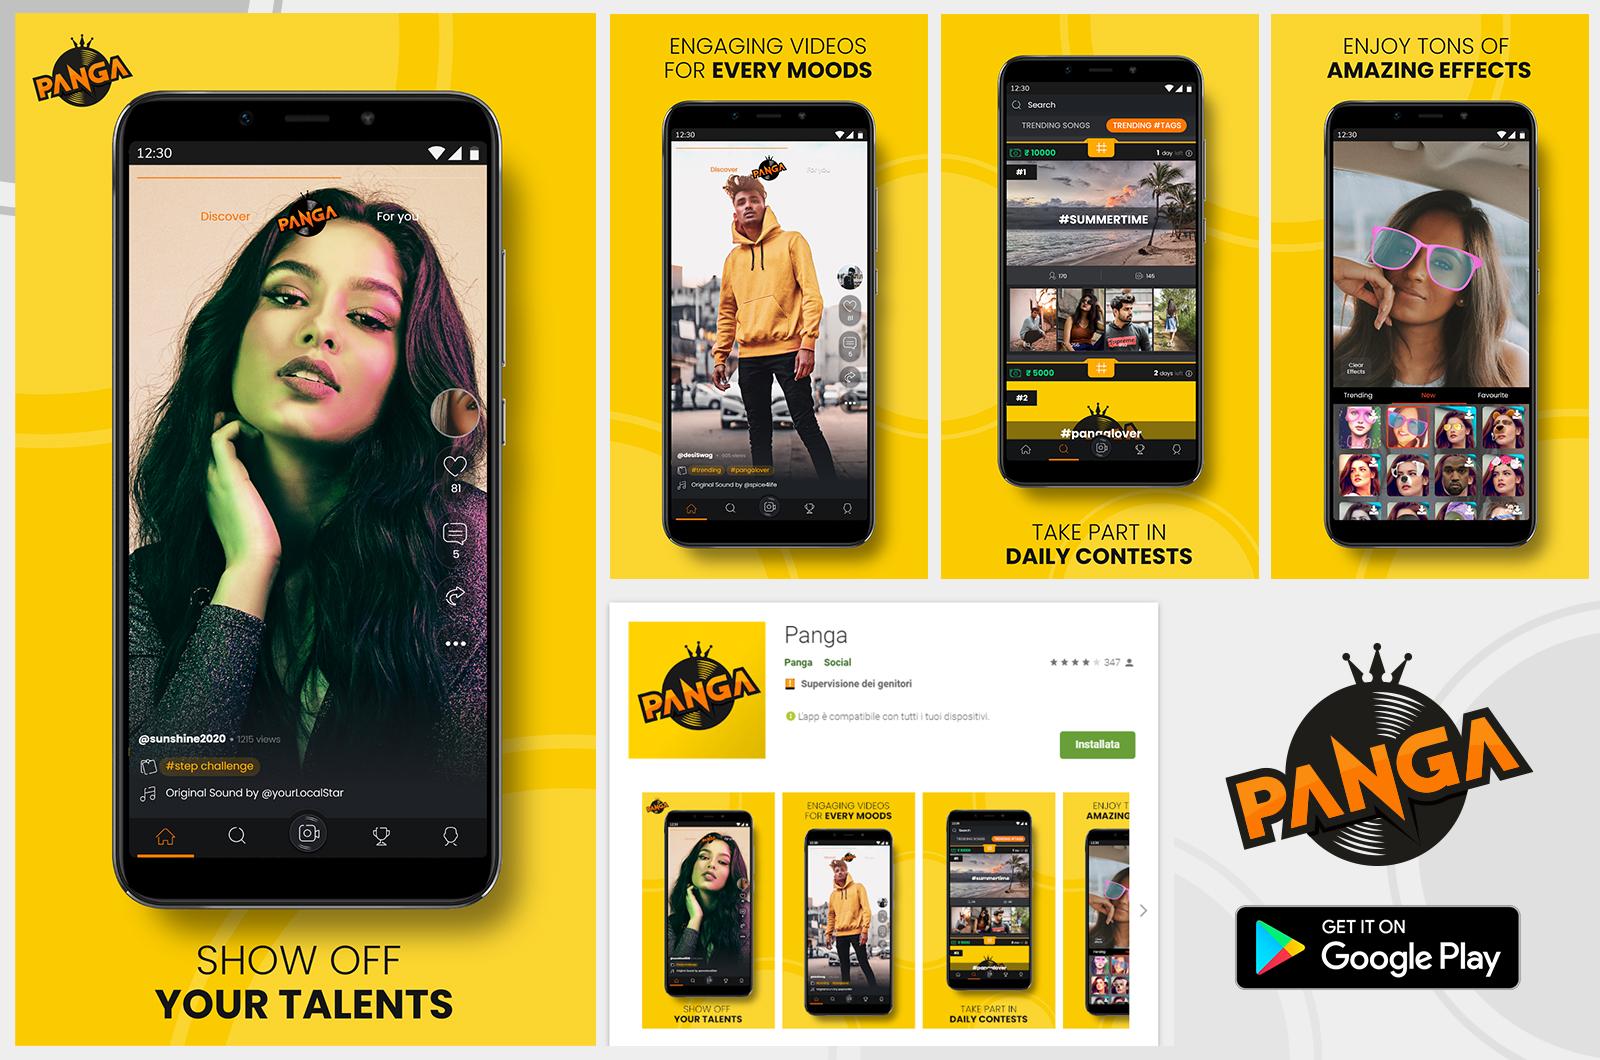 Panga App Playstore page